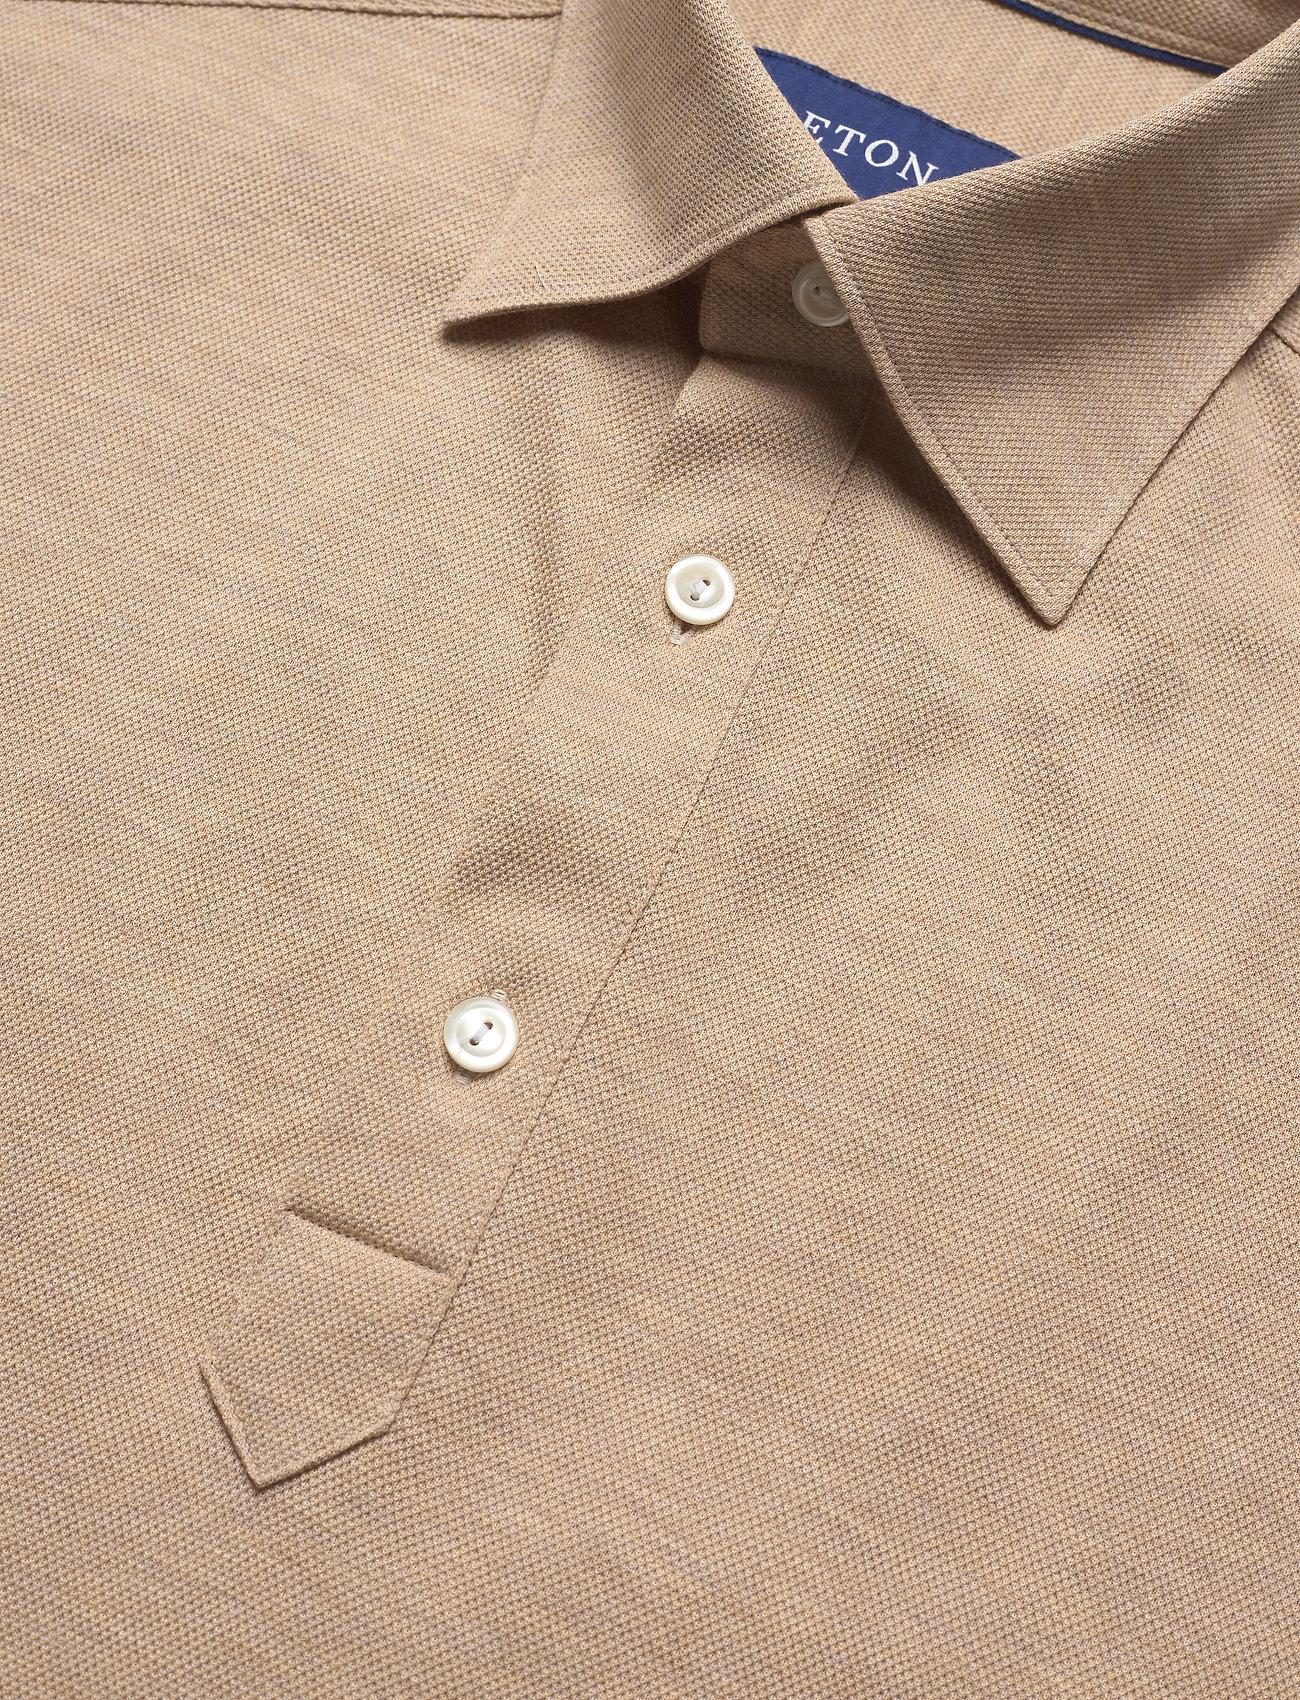 Eton Blue Polo Short Sleeve Popover Shirt - Poloskjorter OFFWHITE/BROWN - Menn Klær